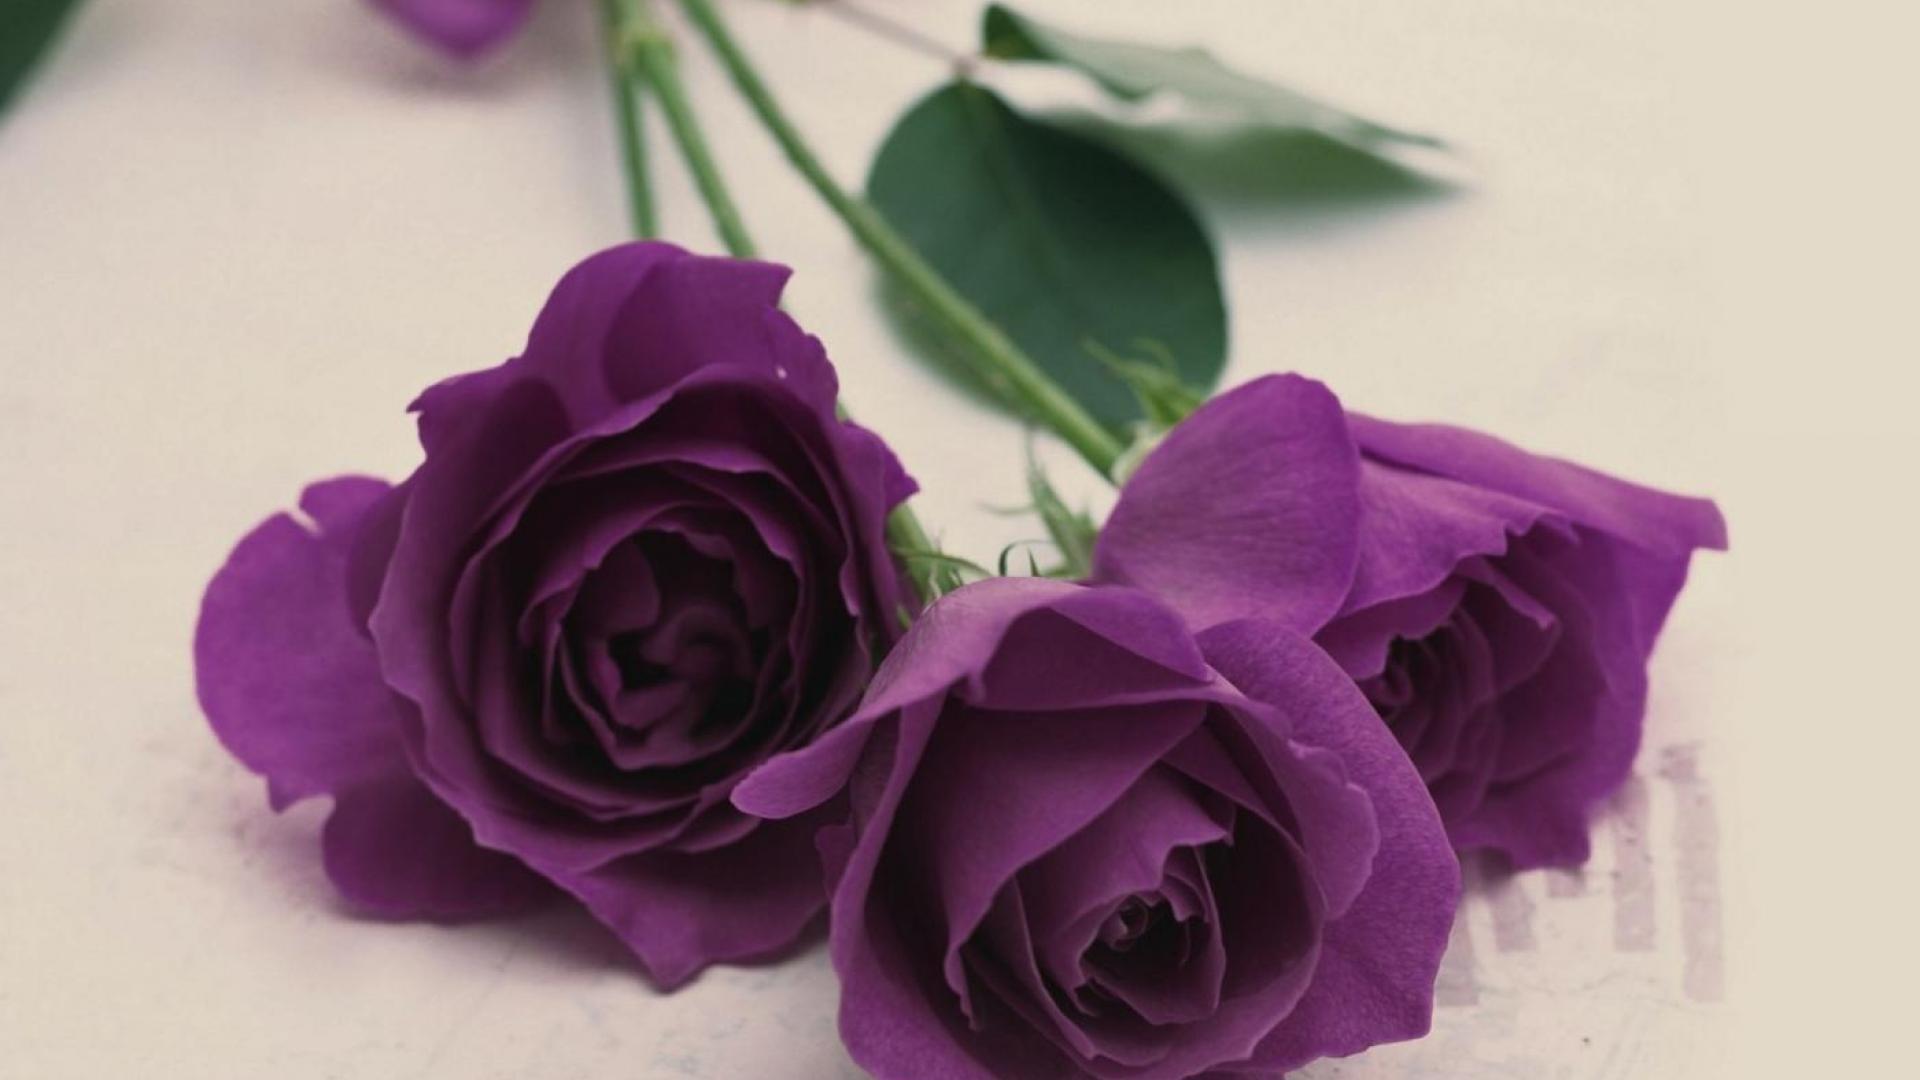 Курица, маленькие розы картинки фиолетовый фон